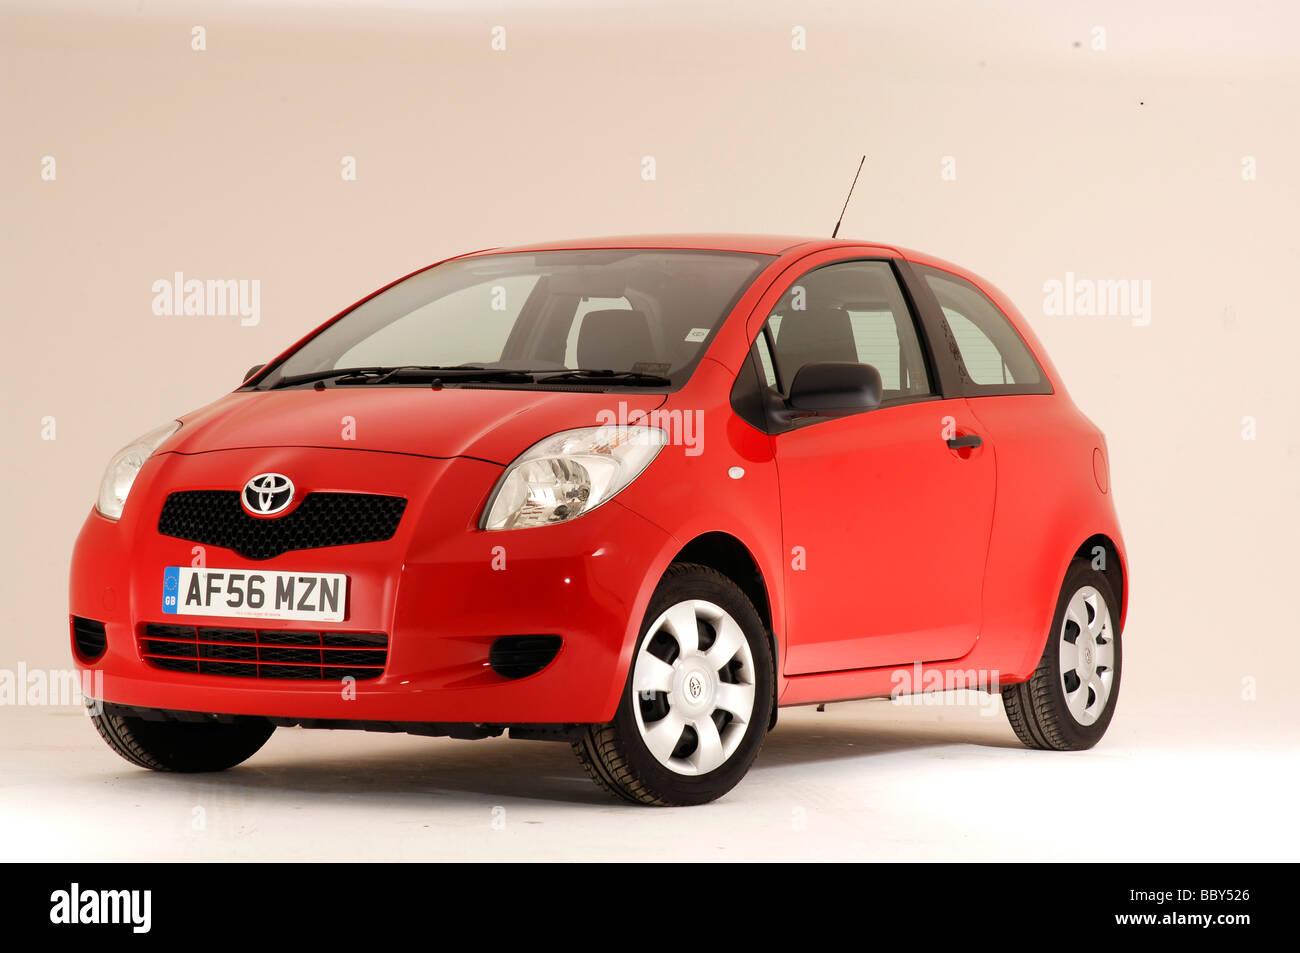 Kelebihan Kekurangan Toyota Yaris 2006 Tangguh